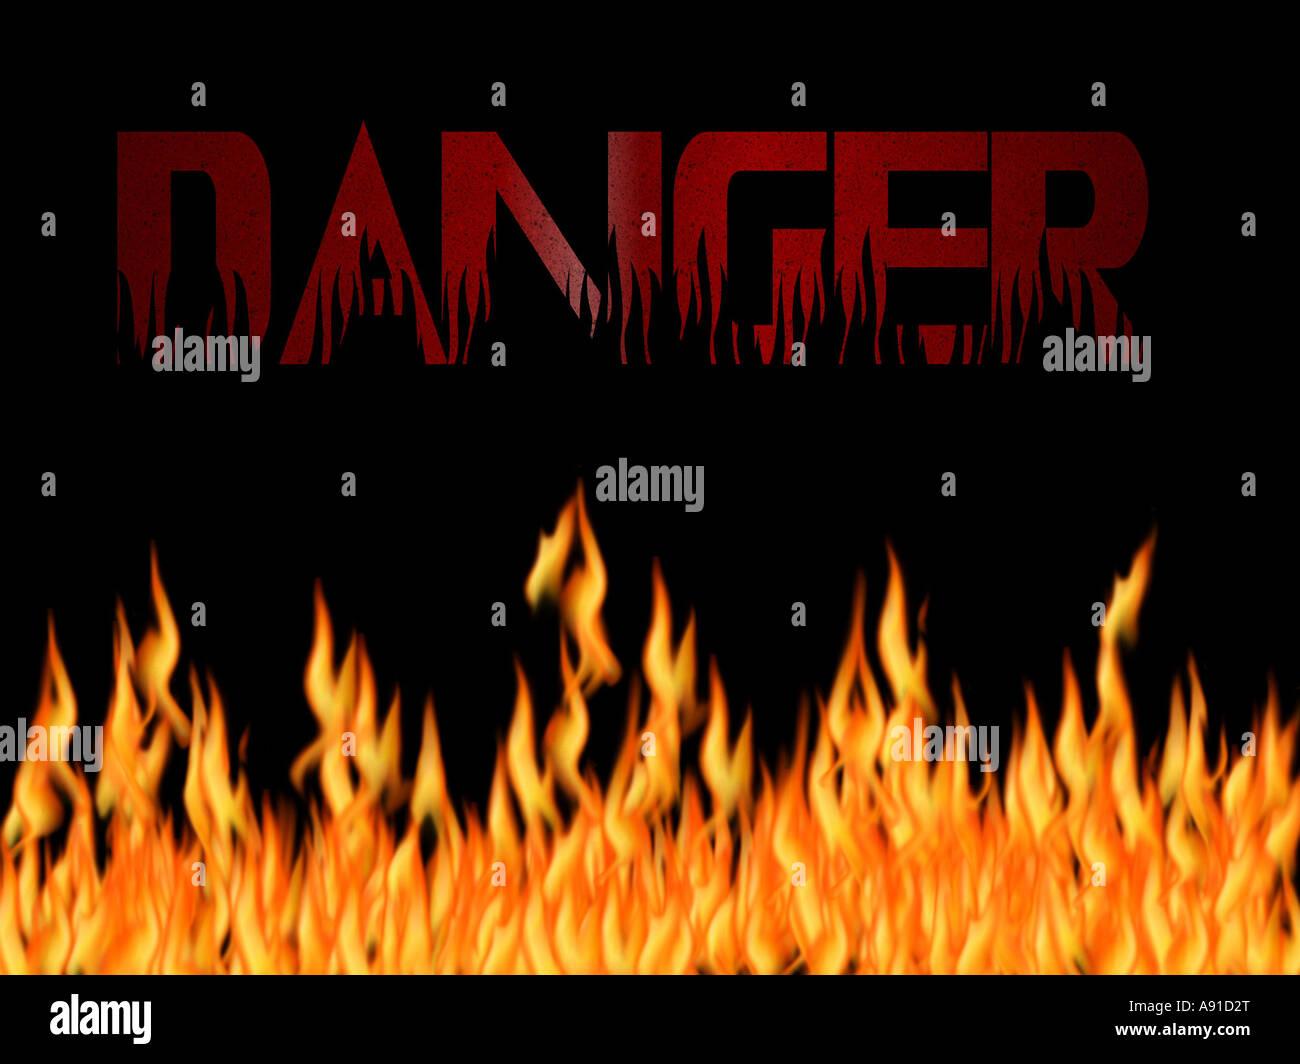 Le terme danger écrit en texte de la flamme avec un fond noir et les flammes en bas Photo Stock